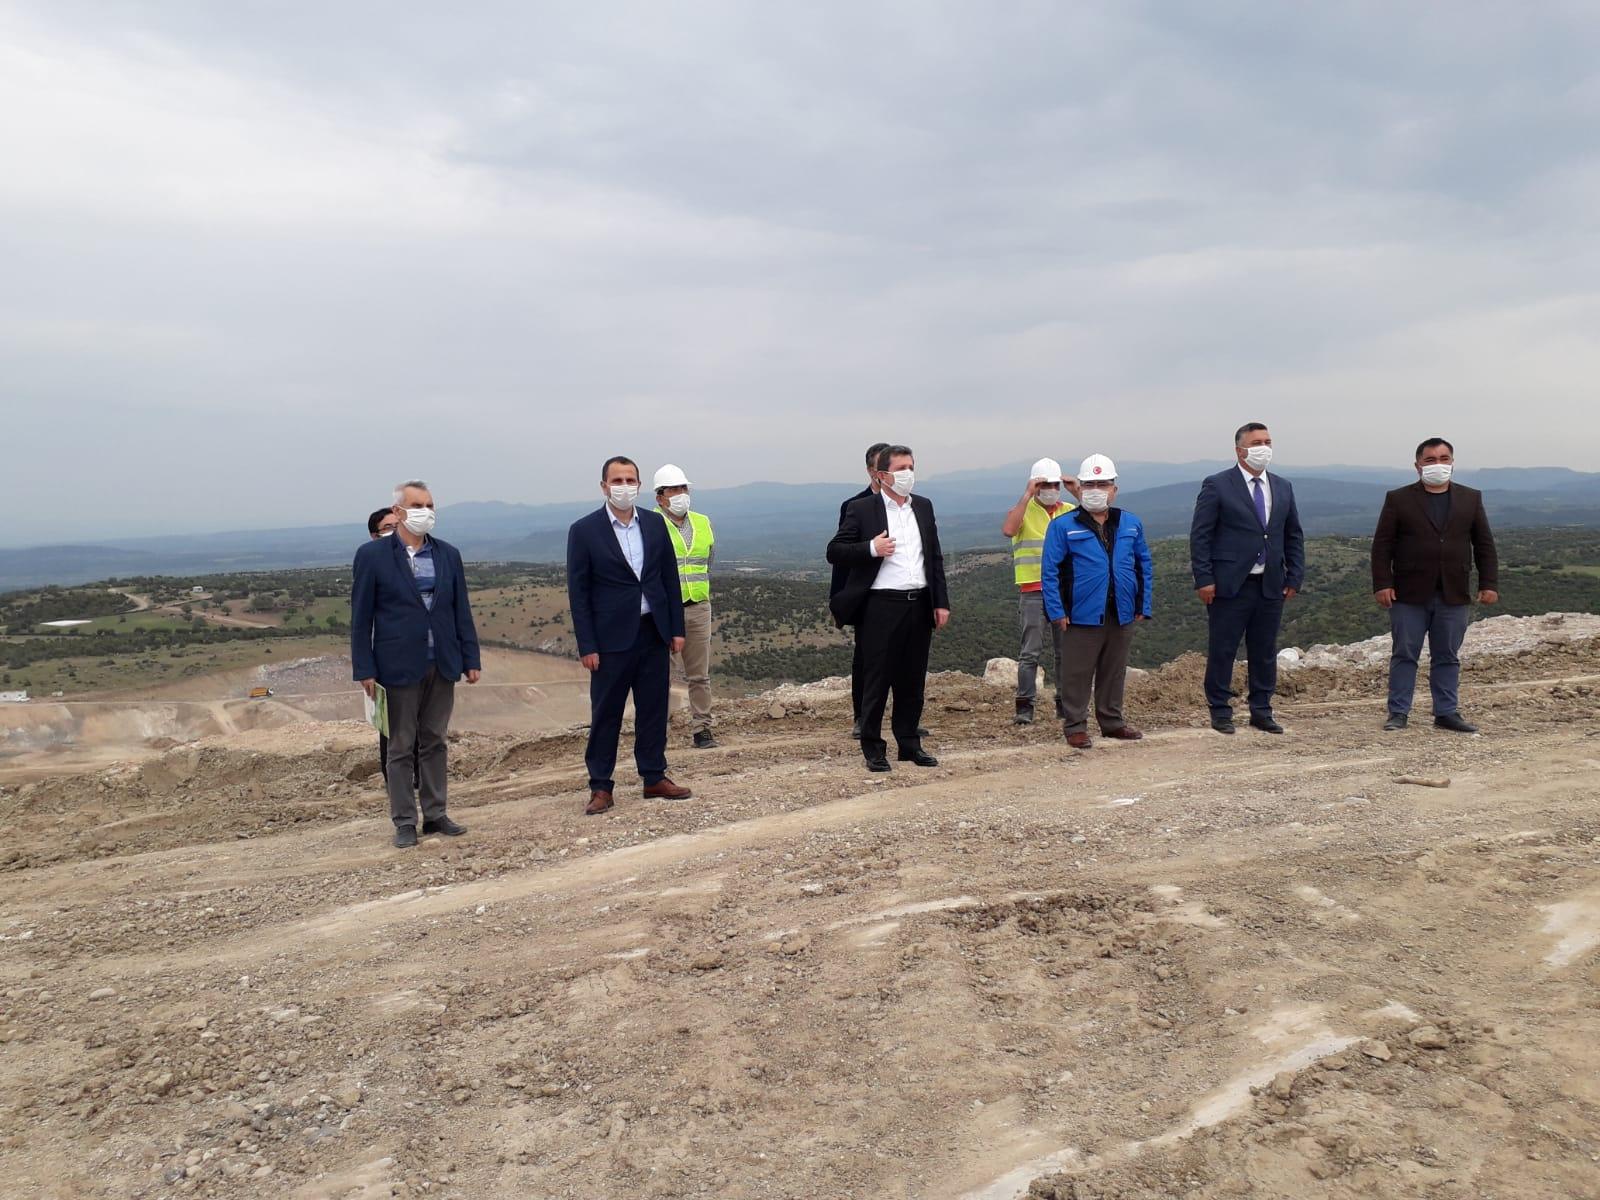 Çevreci Proje Troas Bölgesi Katı Atık Bertaraf Tesisi Çalışmaları Devam Ediyor